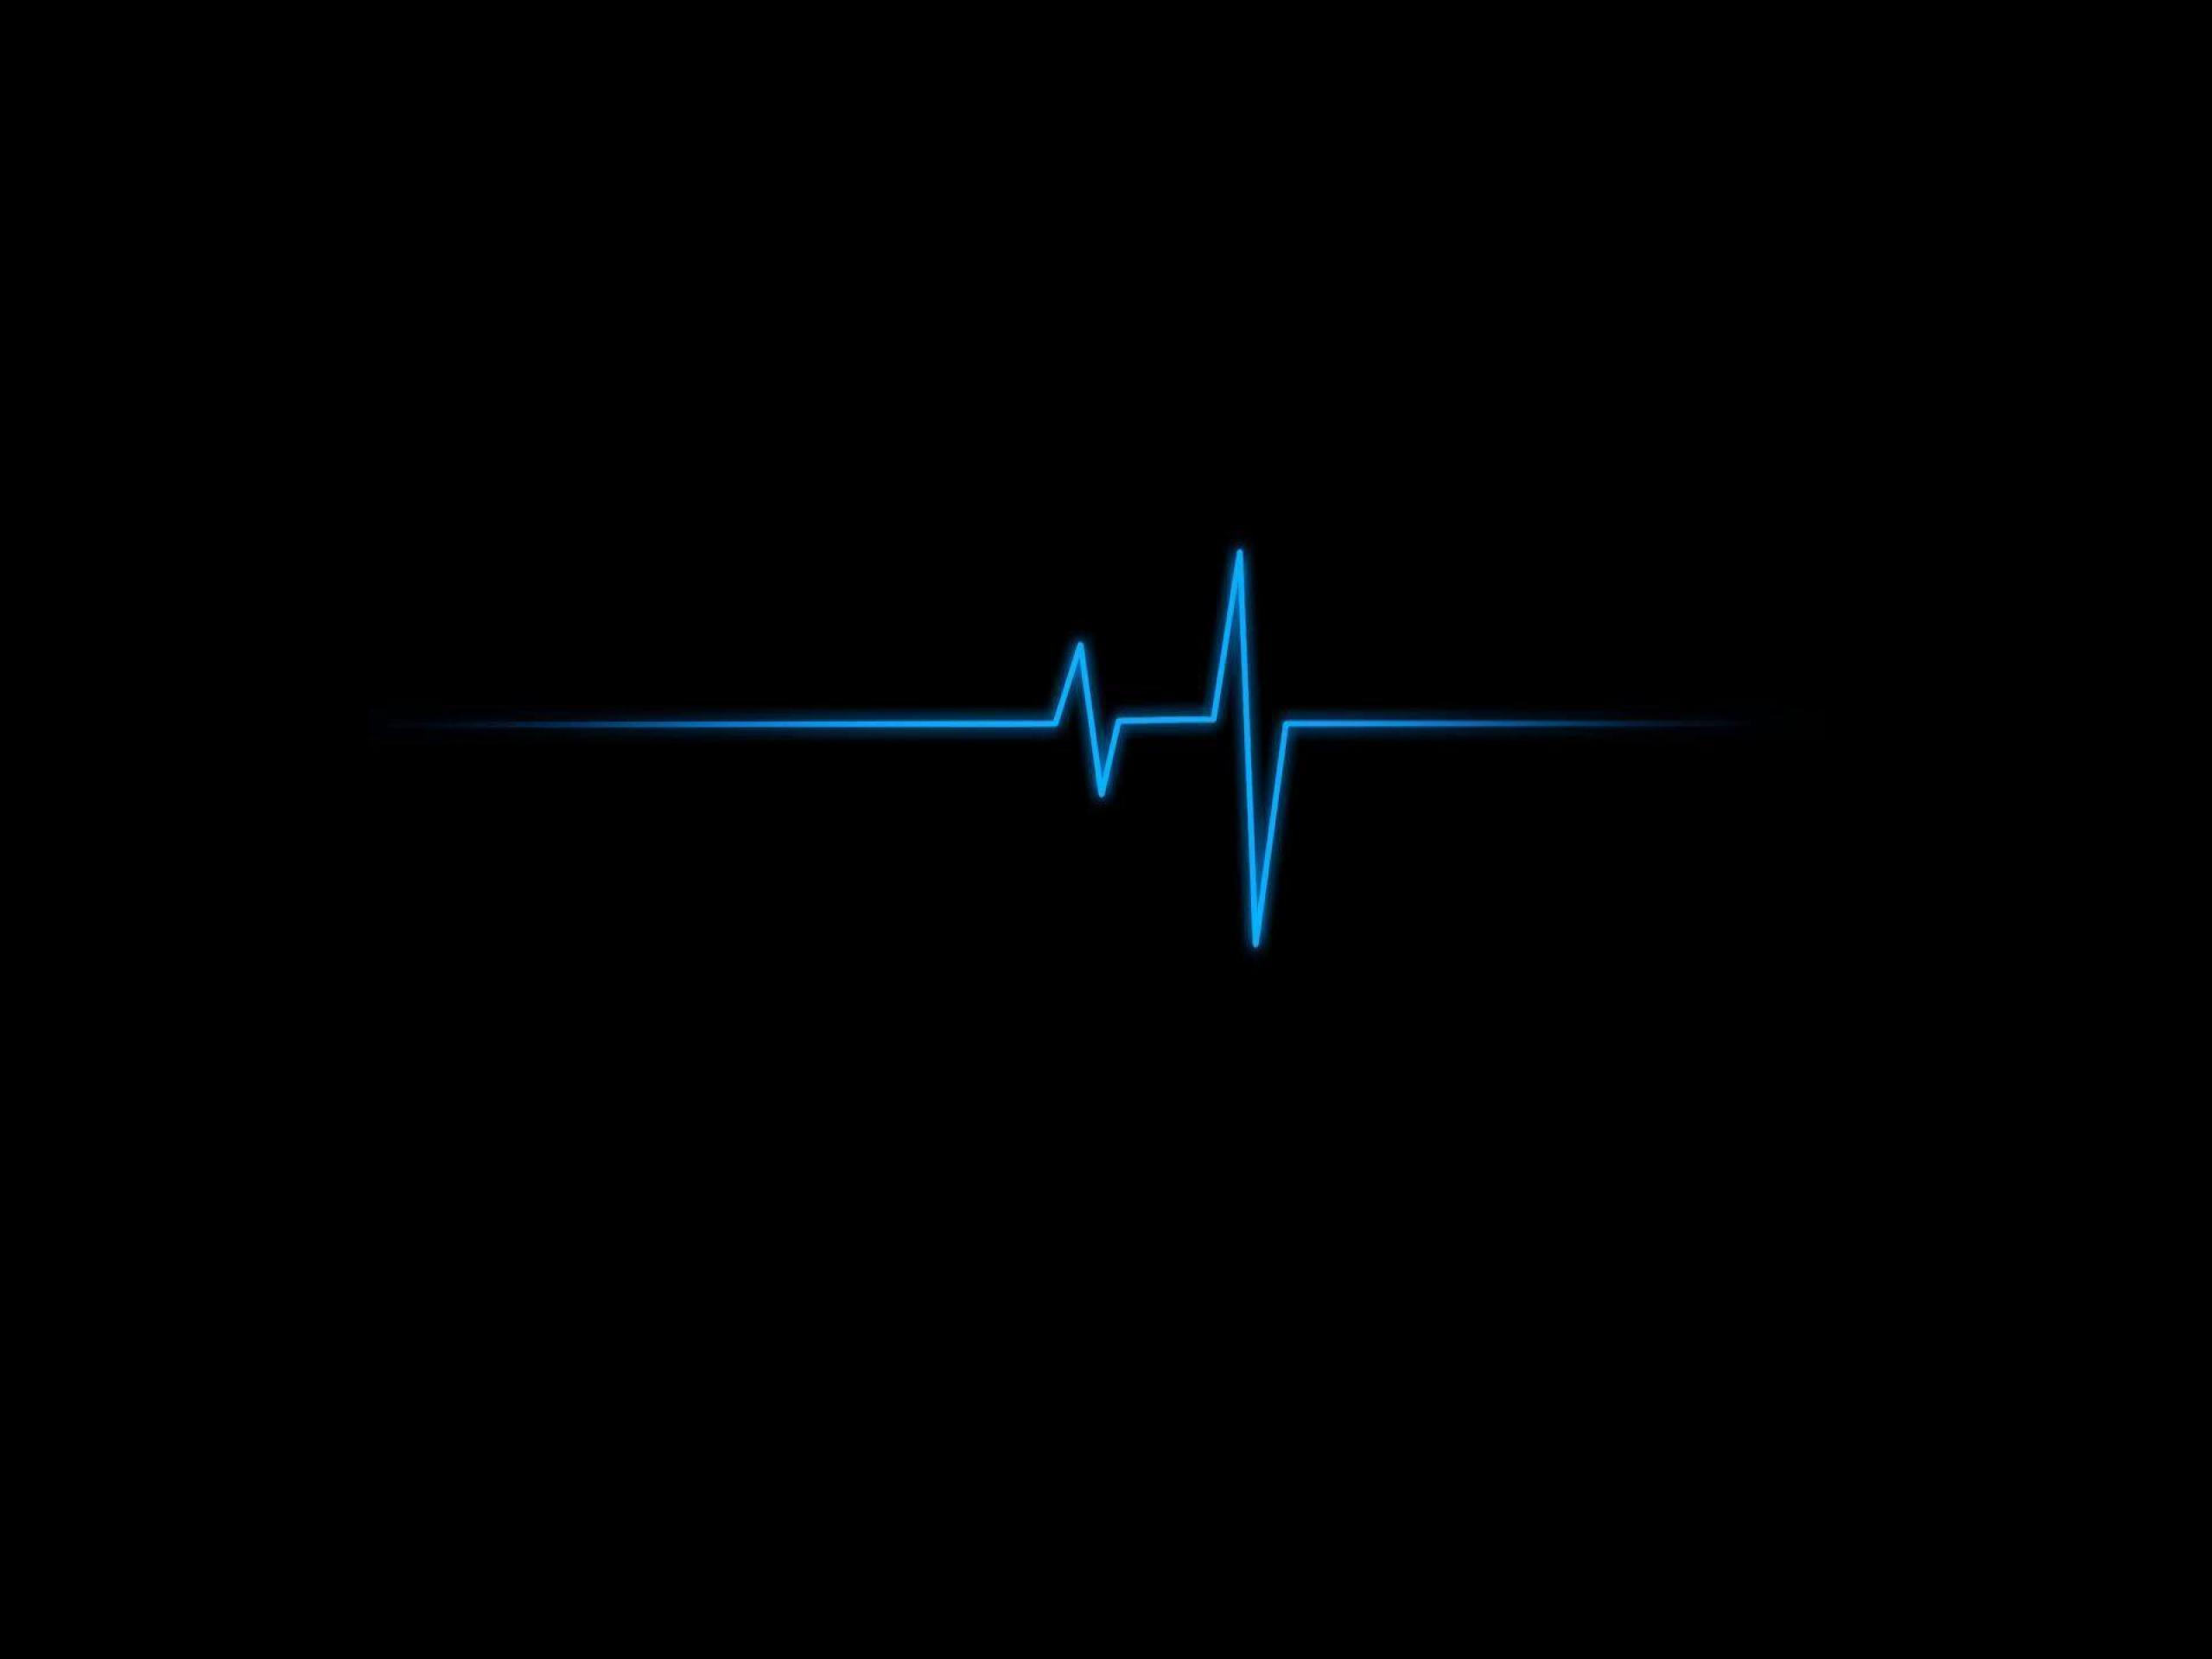 Hình nền đen nhịp đập xanh